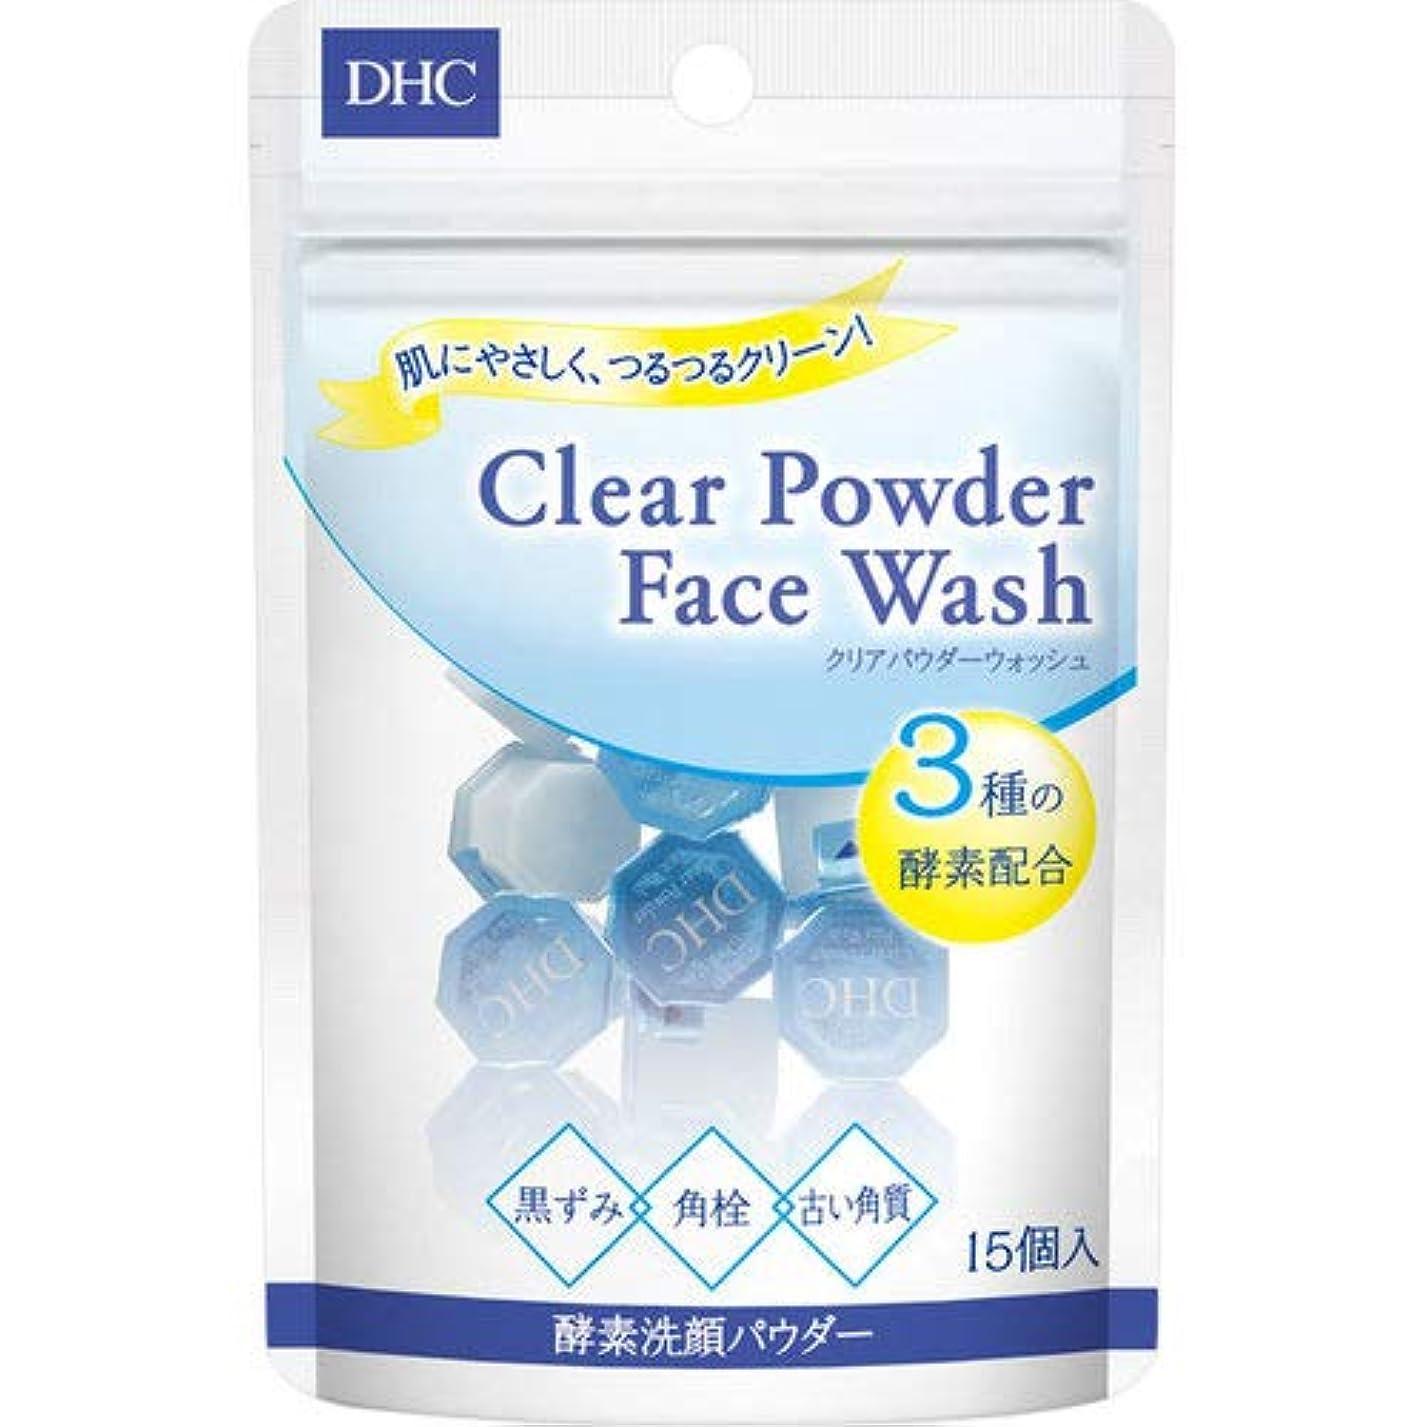 大学熱帯の定義DHC クリアパウダーウォッシュ 0.4g×15個入 酵素洗顔パウダー